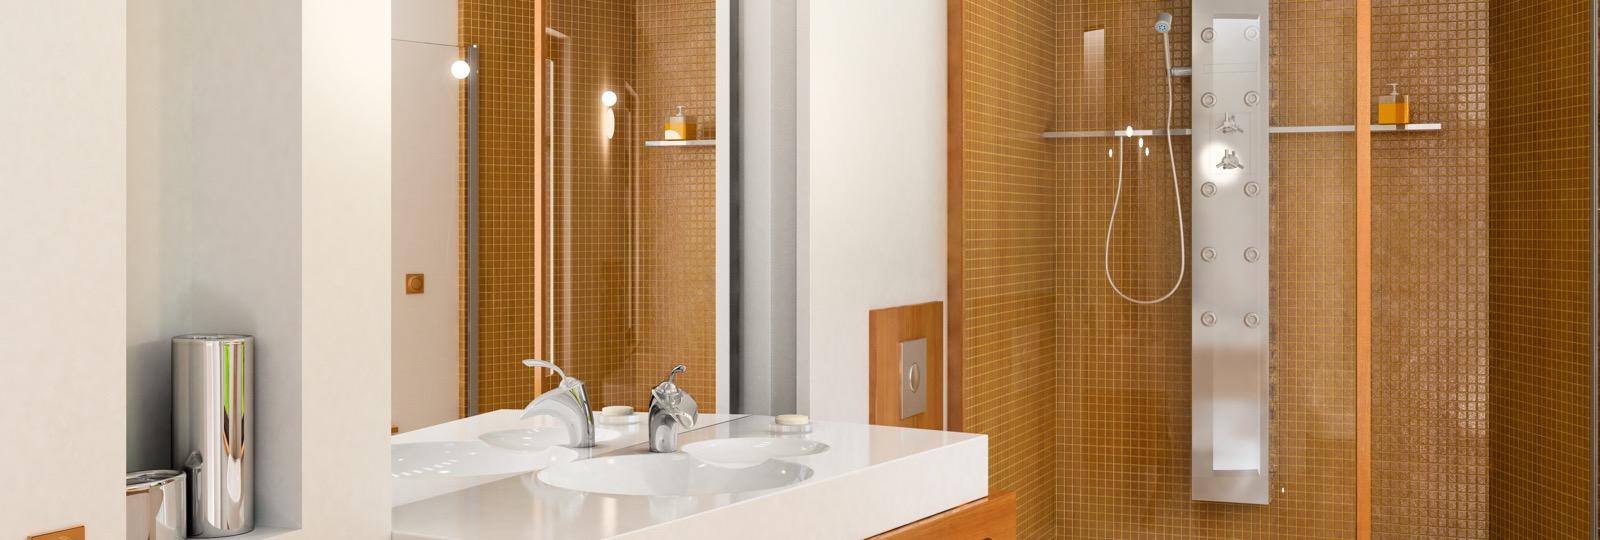 bad einrichtung excellent ideen kleines bad holz unglaublich on innerhalb badezimmer aus tagify. Black Bedroom Furniture Sets. Home Design Ideas